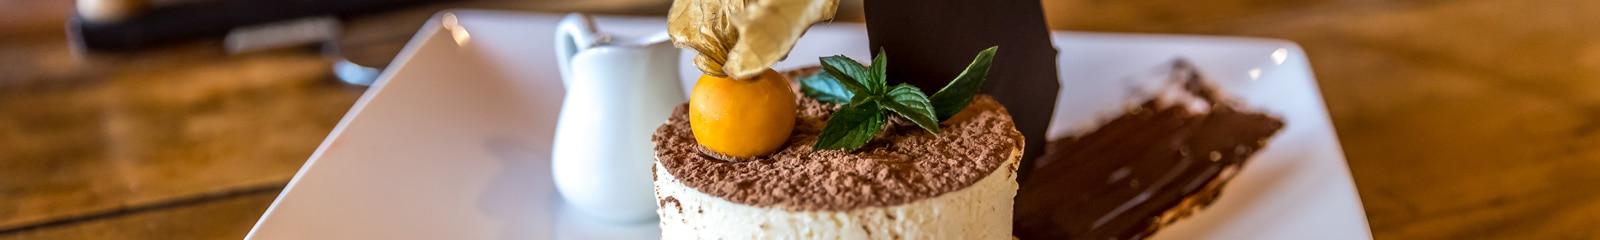 Gastronomie à Carnac photo panoramique